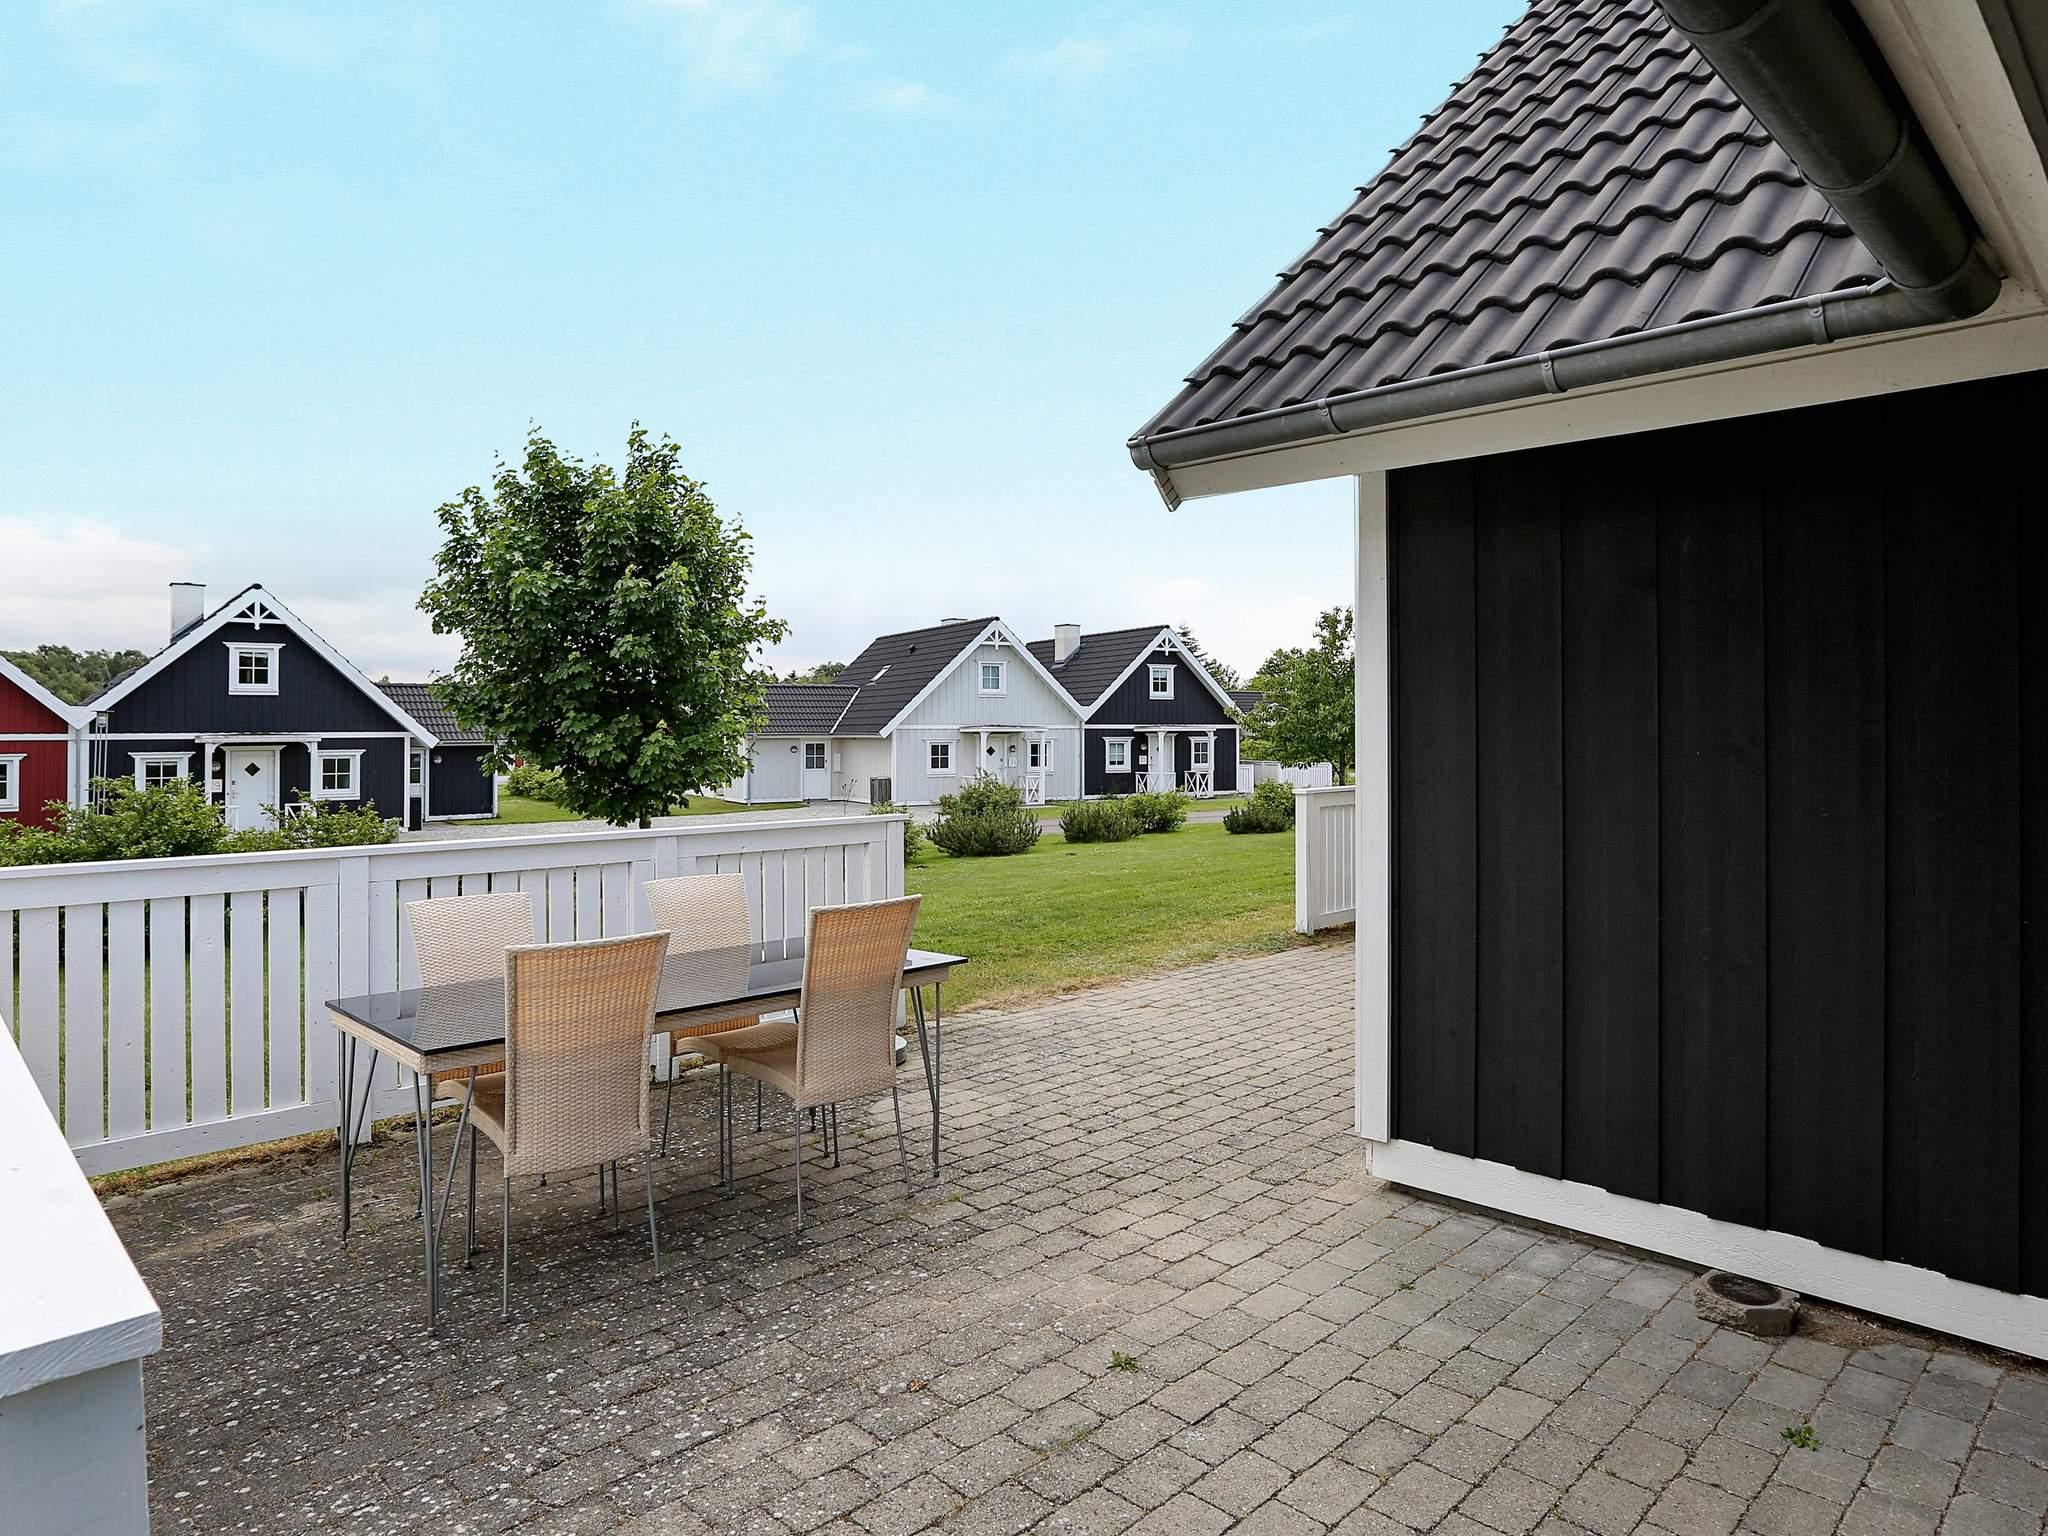 Ferienhaus Rågeleje (469708), Rågeleje, , Nordseeland, Dänemark, Bild 20